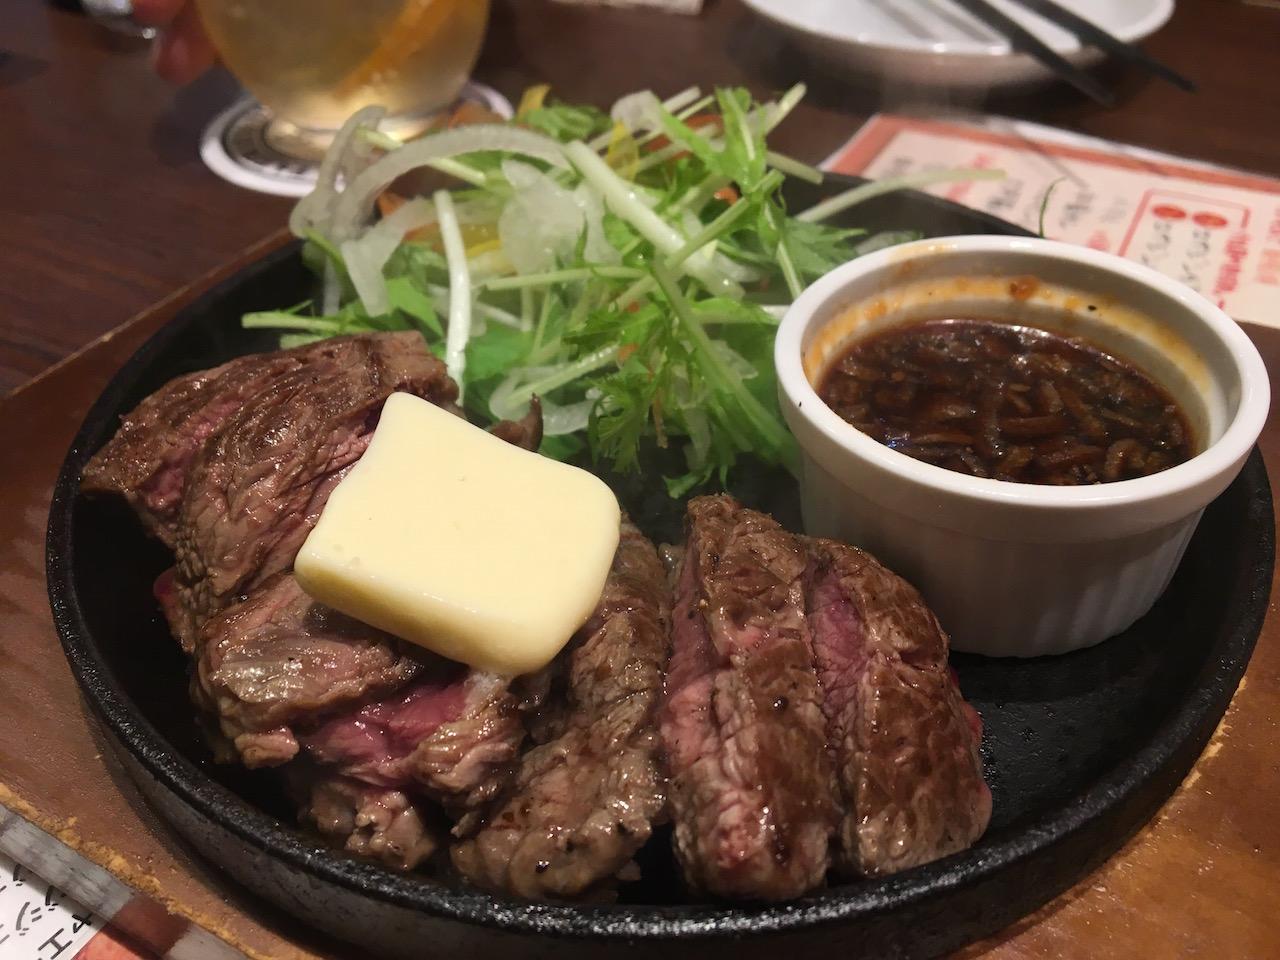 梅田のダンジョン内にある肉屋の肉バル TAJIMAYA Whityうめだ店のヘレステーキが美味しかった